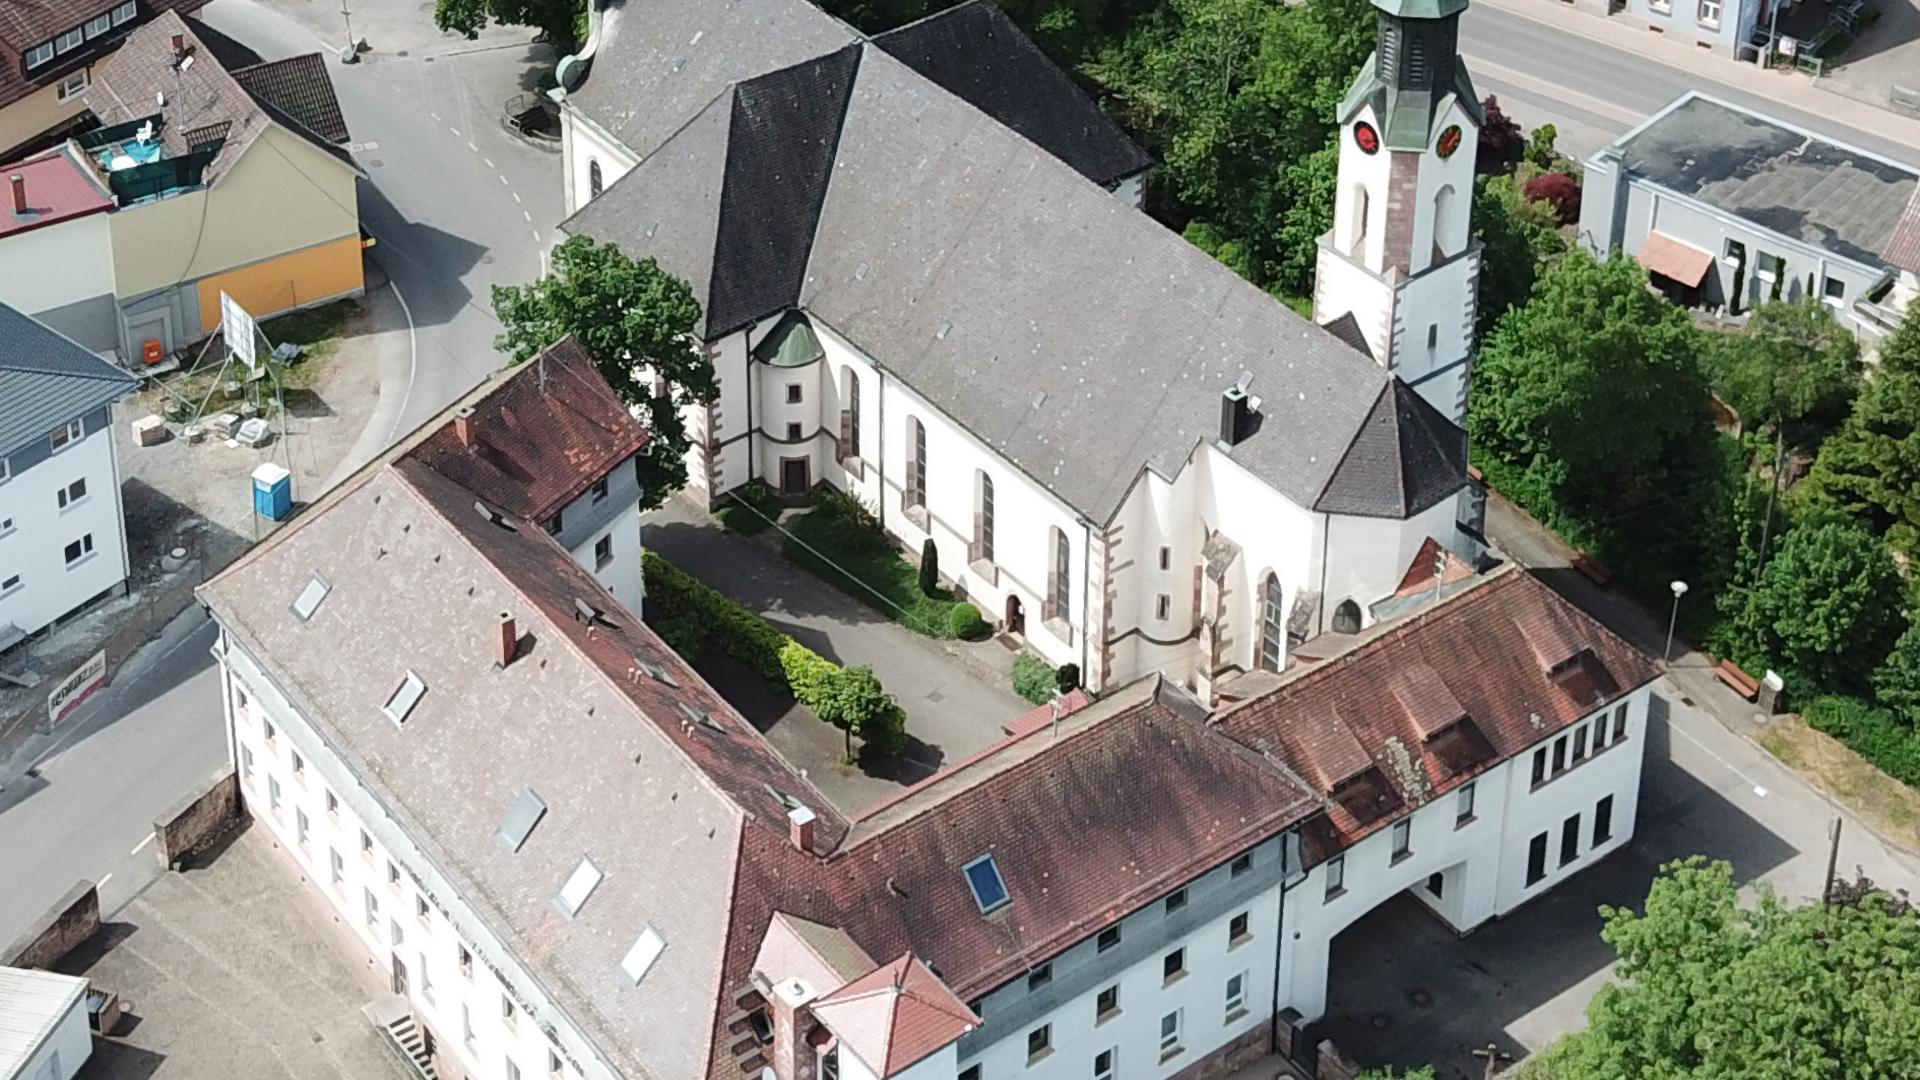 Kloster Zell Am Harmersbach